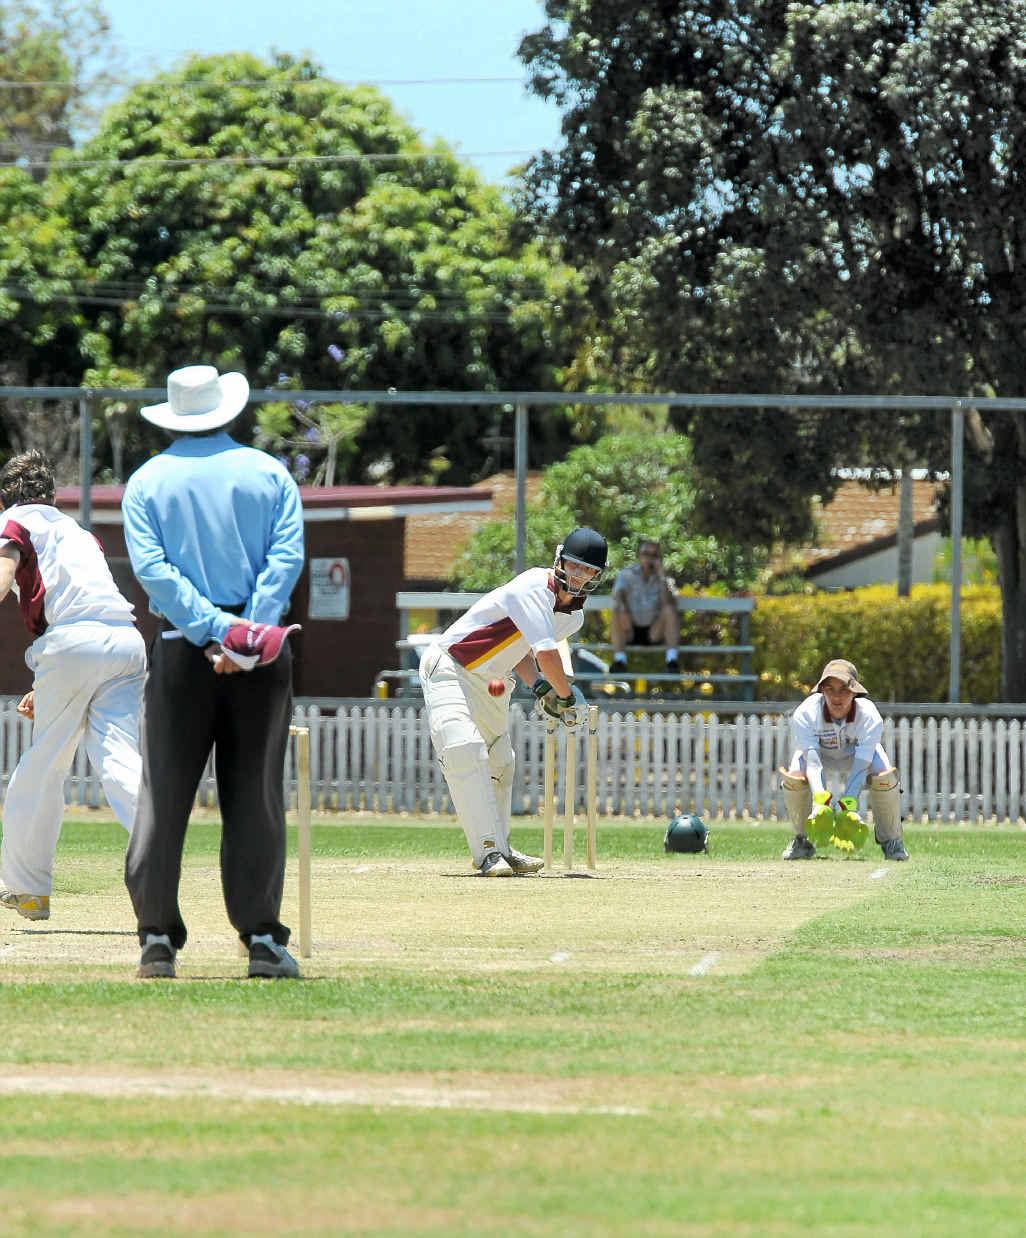 Bundaberg batsman Ben Lanskey faces South Burnett bowler Tim Linnane in the under-19s game at Salter Oval.